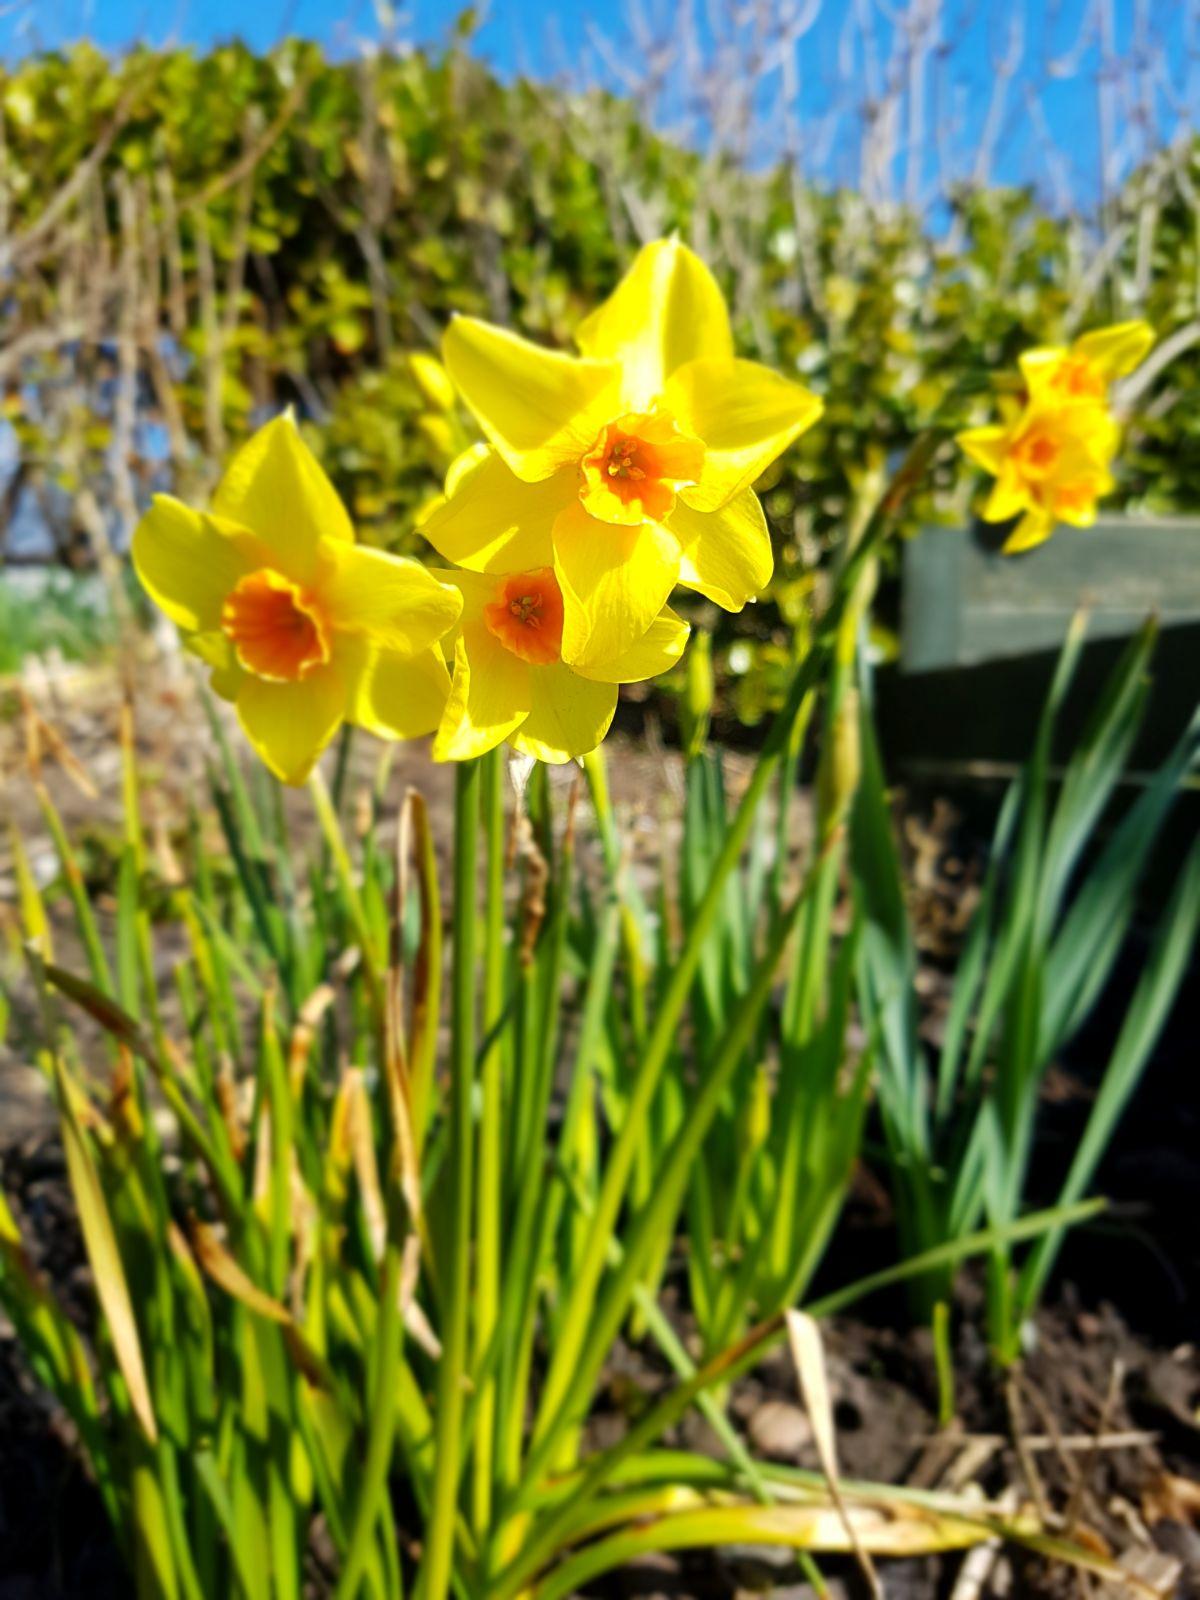 #MySundayPhoto – The Daffodil Days